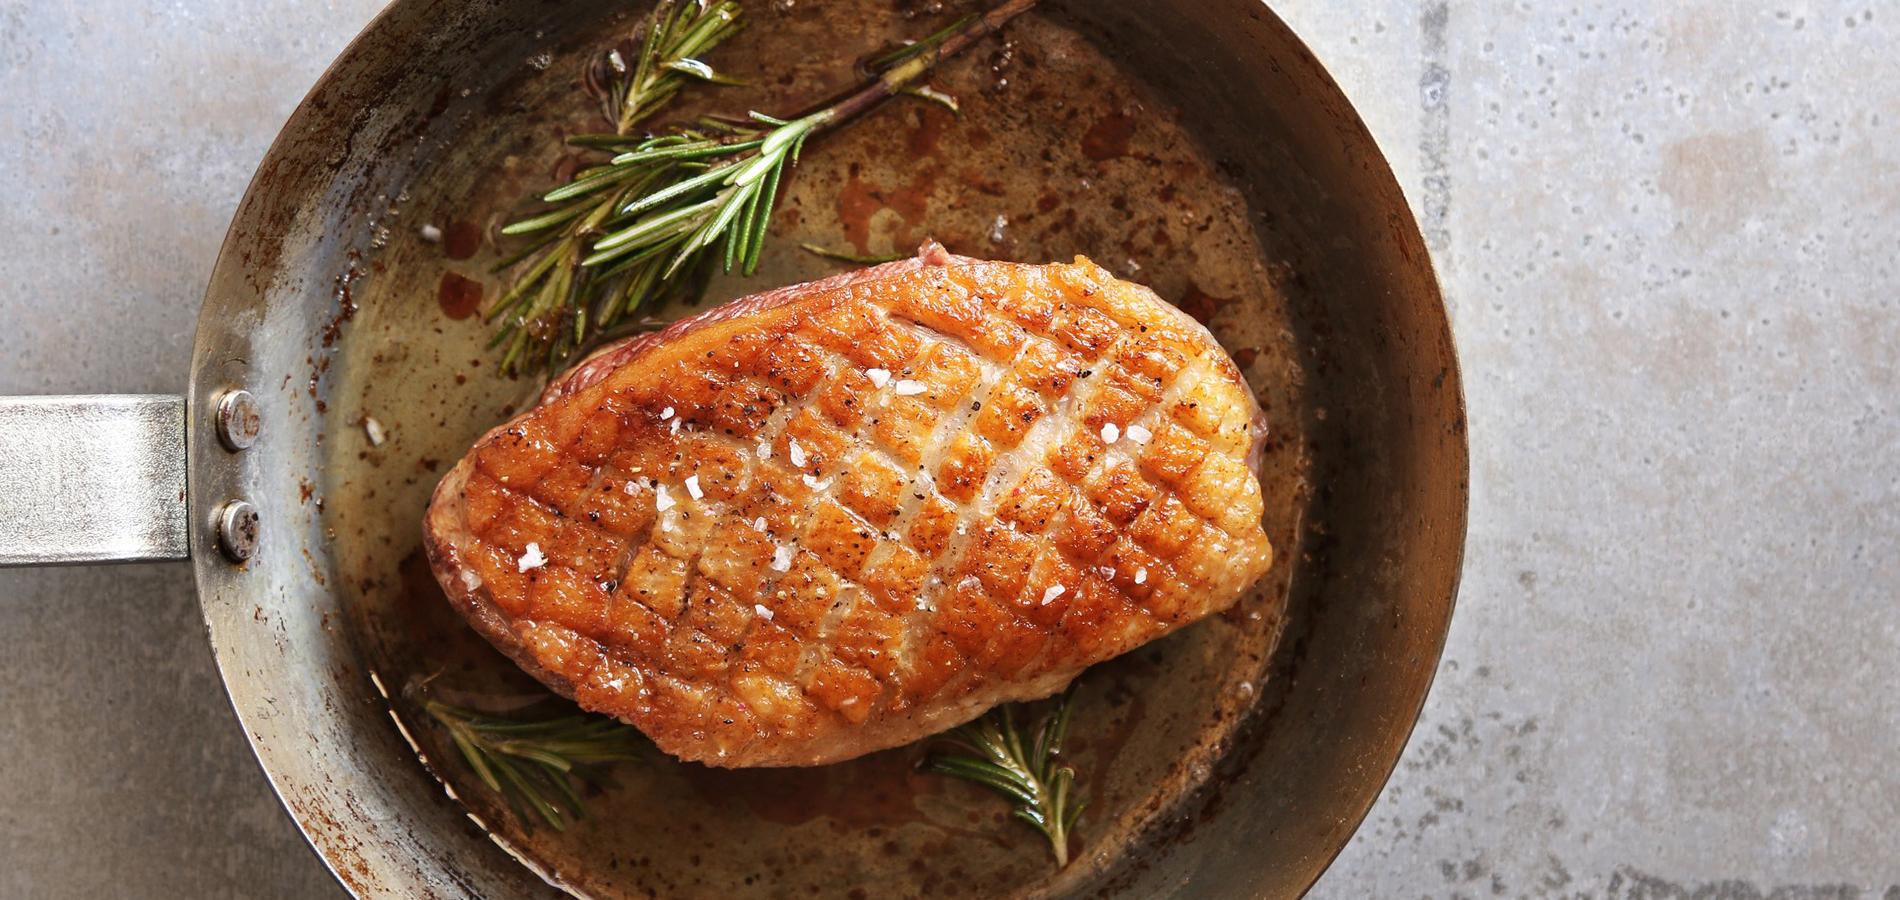 Magret Canard Foie Gras Four comment préparer et cuire son magret de canard à la